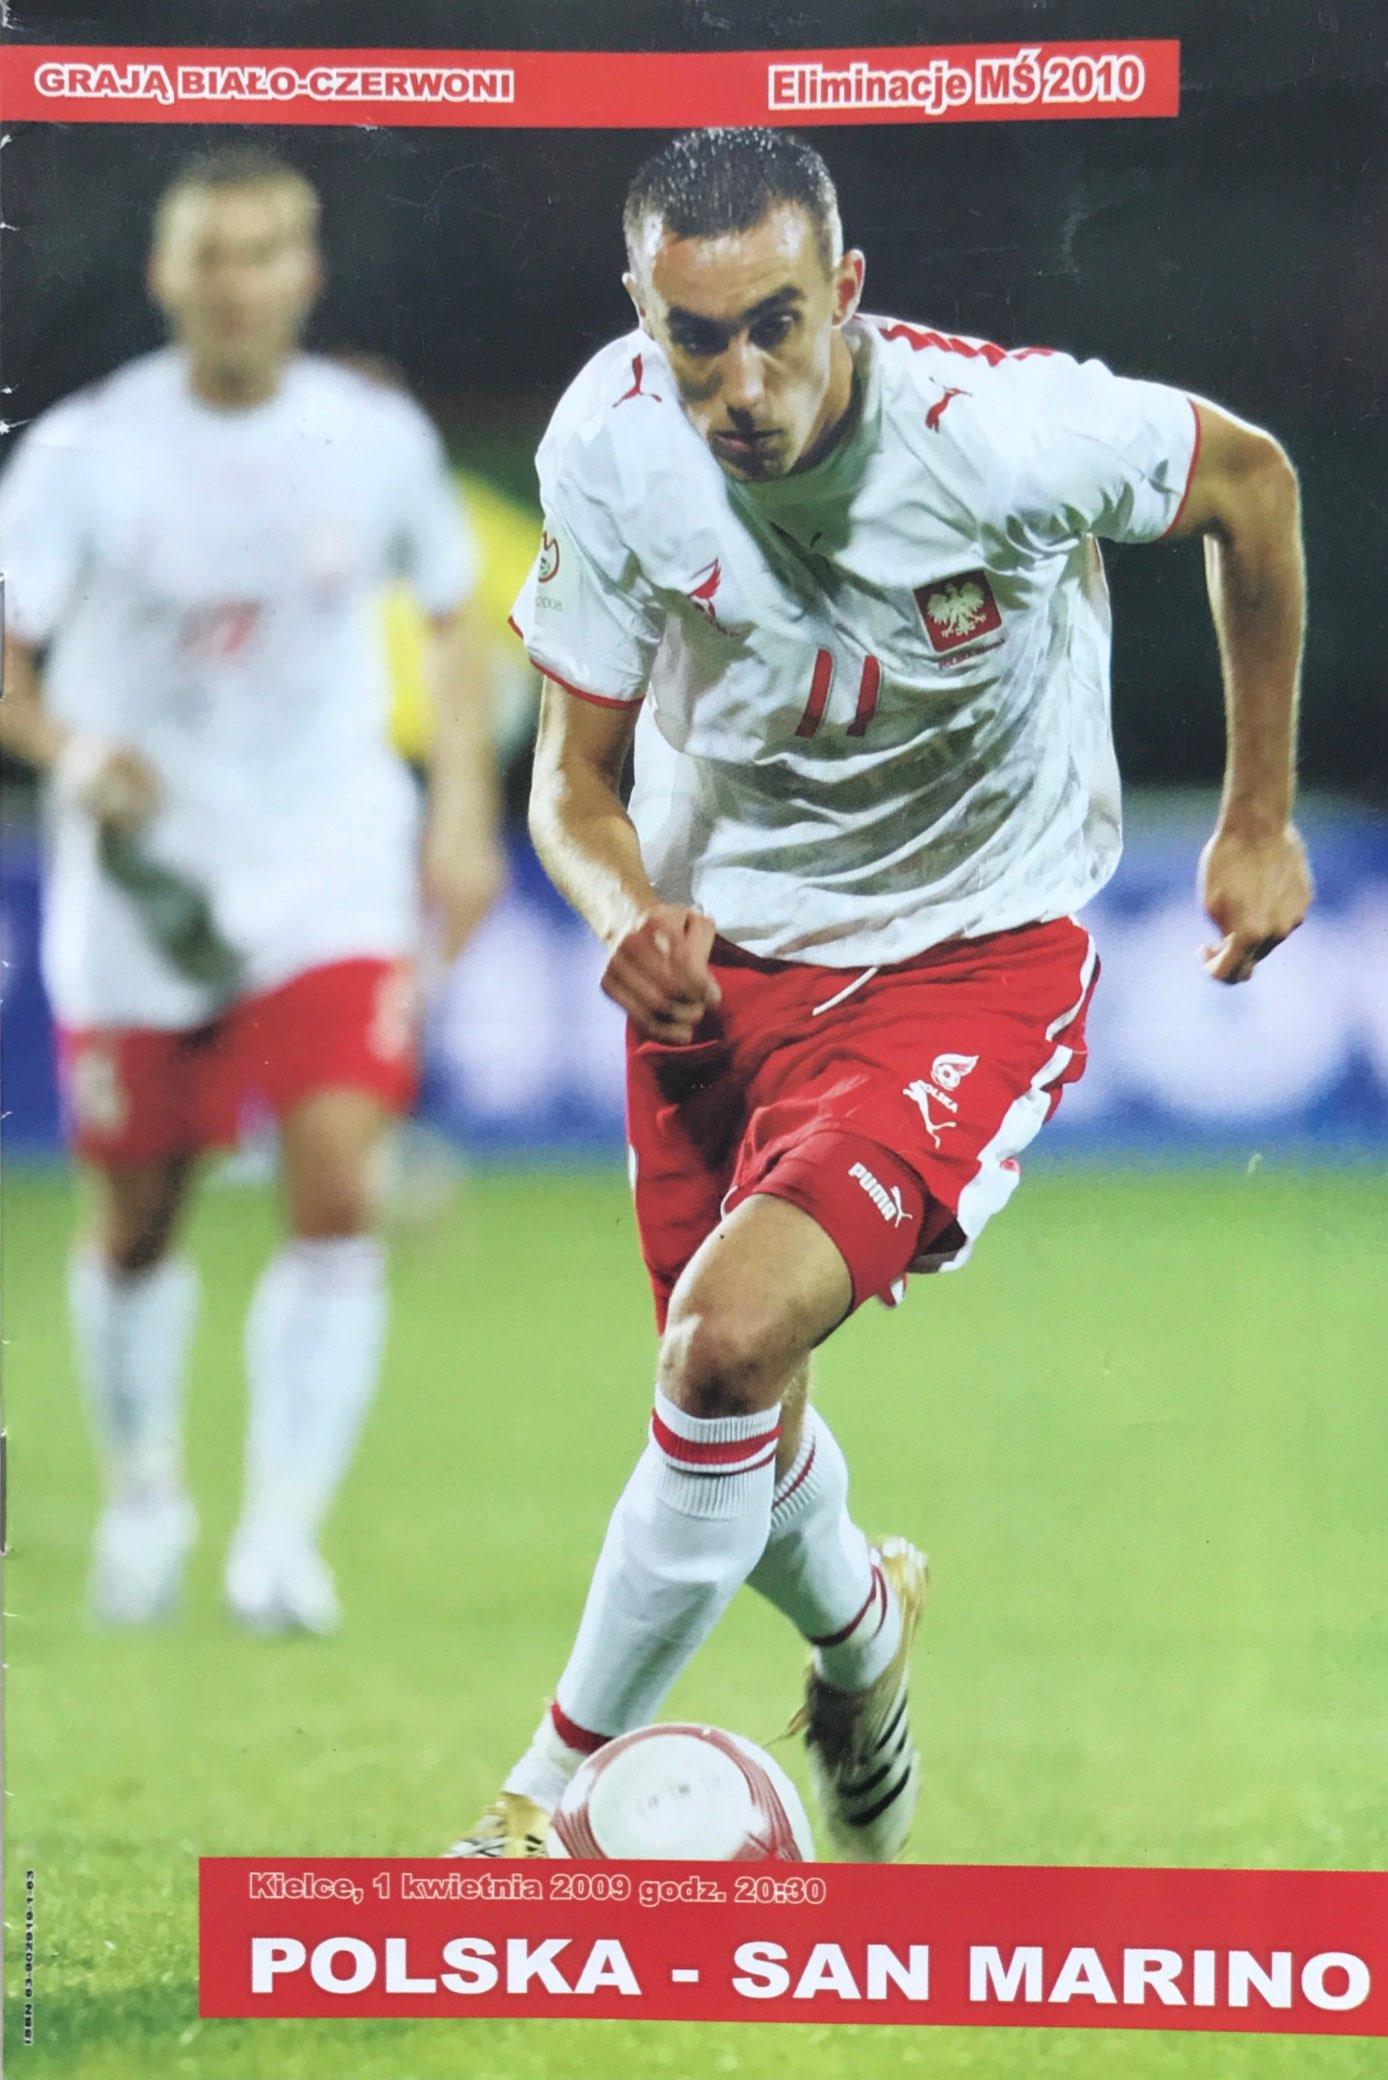 Program meczowy Polska - San Marino 10:0 (01.04.2009).